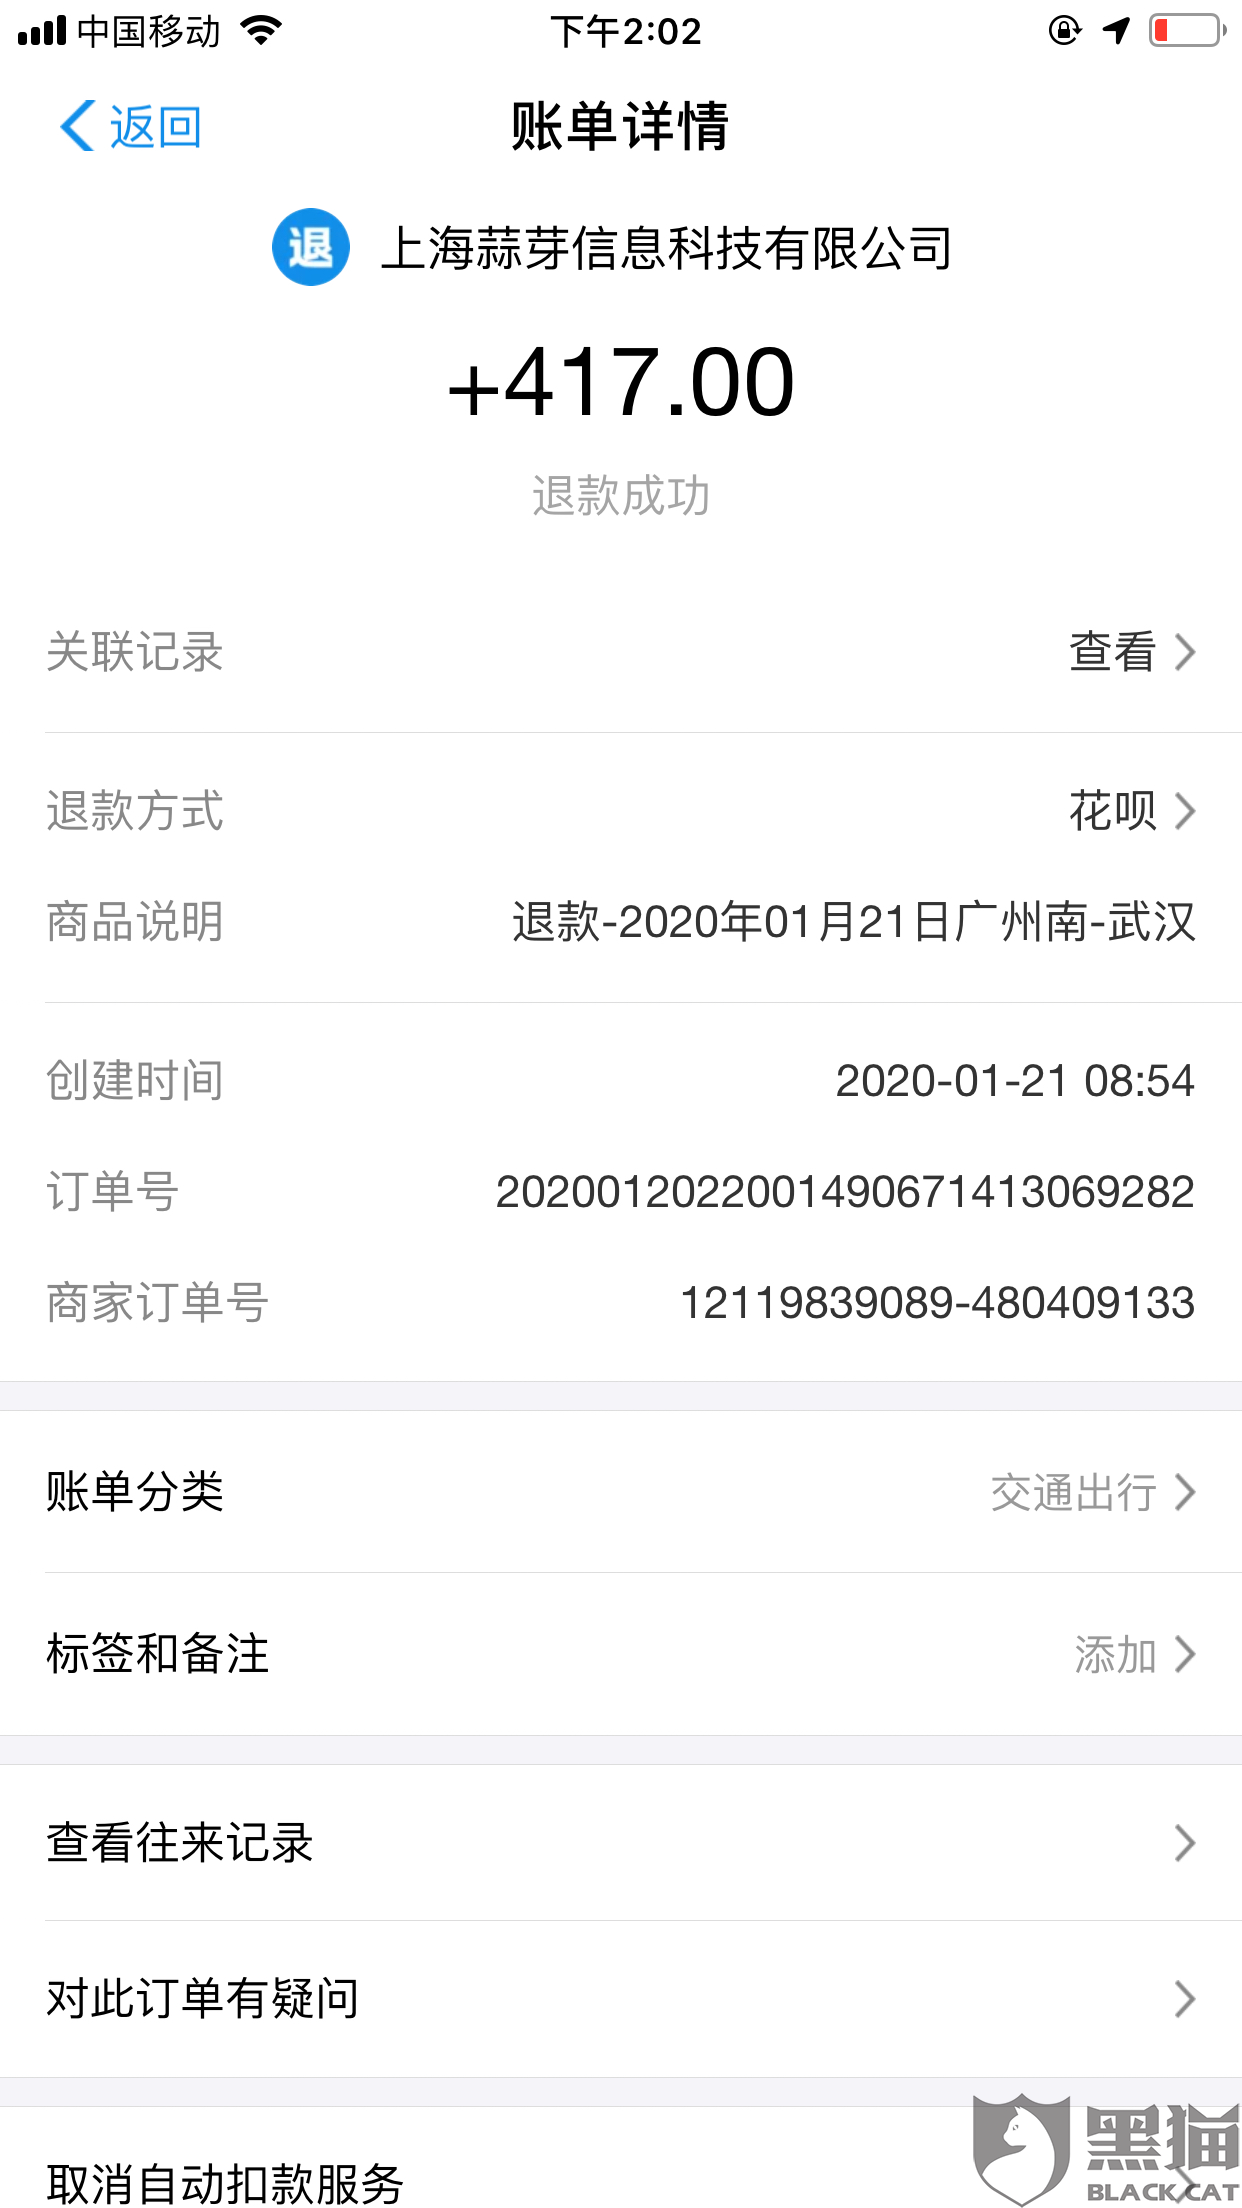 黑猫投诉:请上海蒜芽信息科技有限公司退回手续费